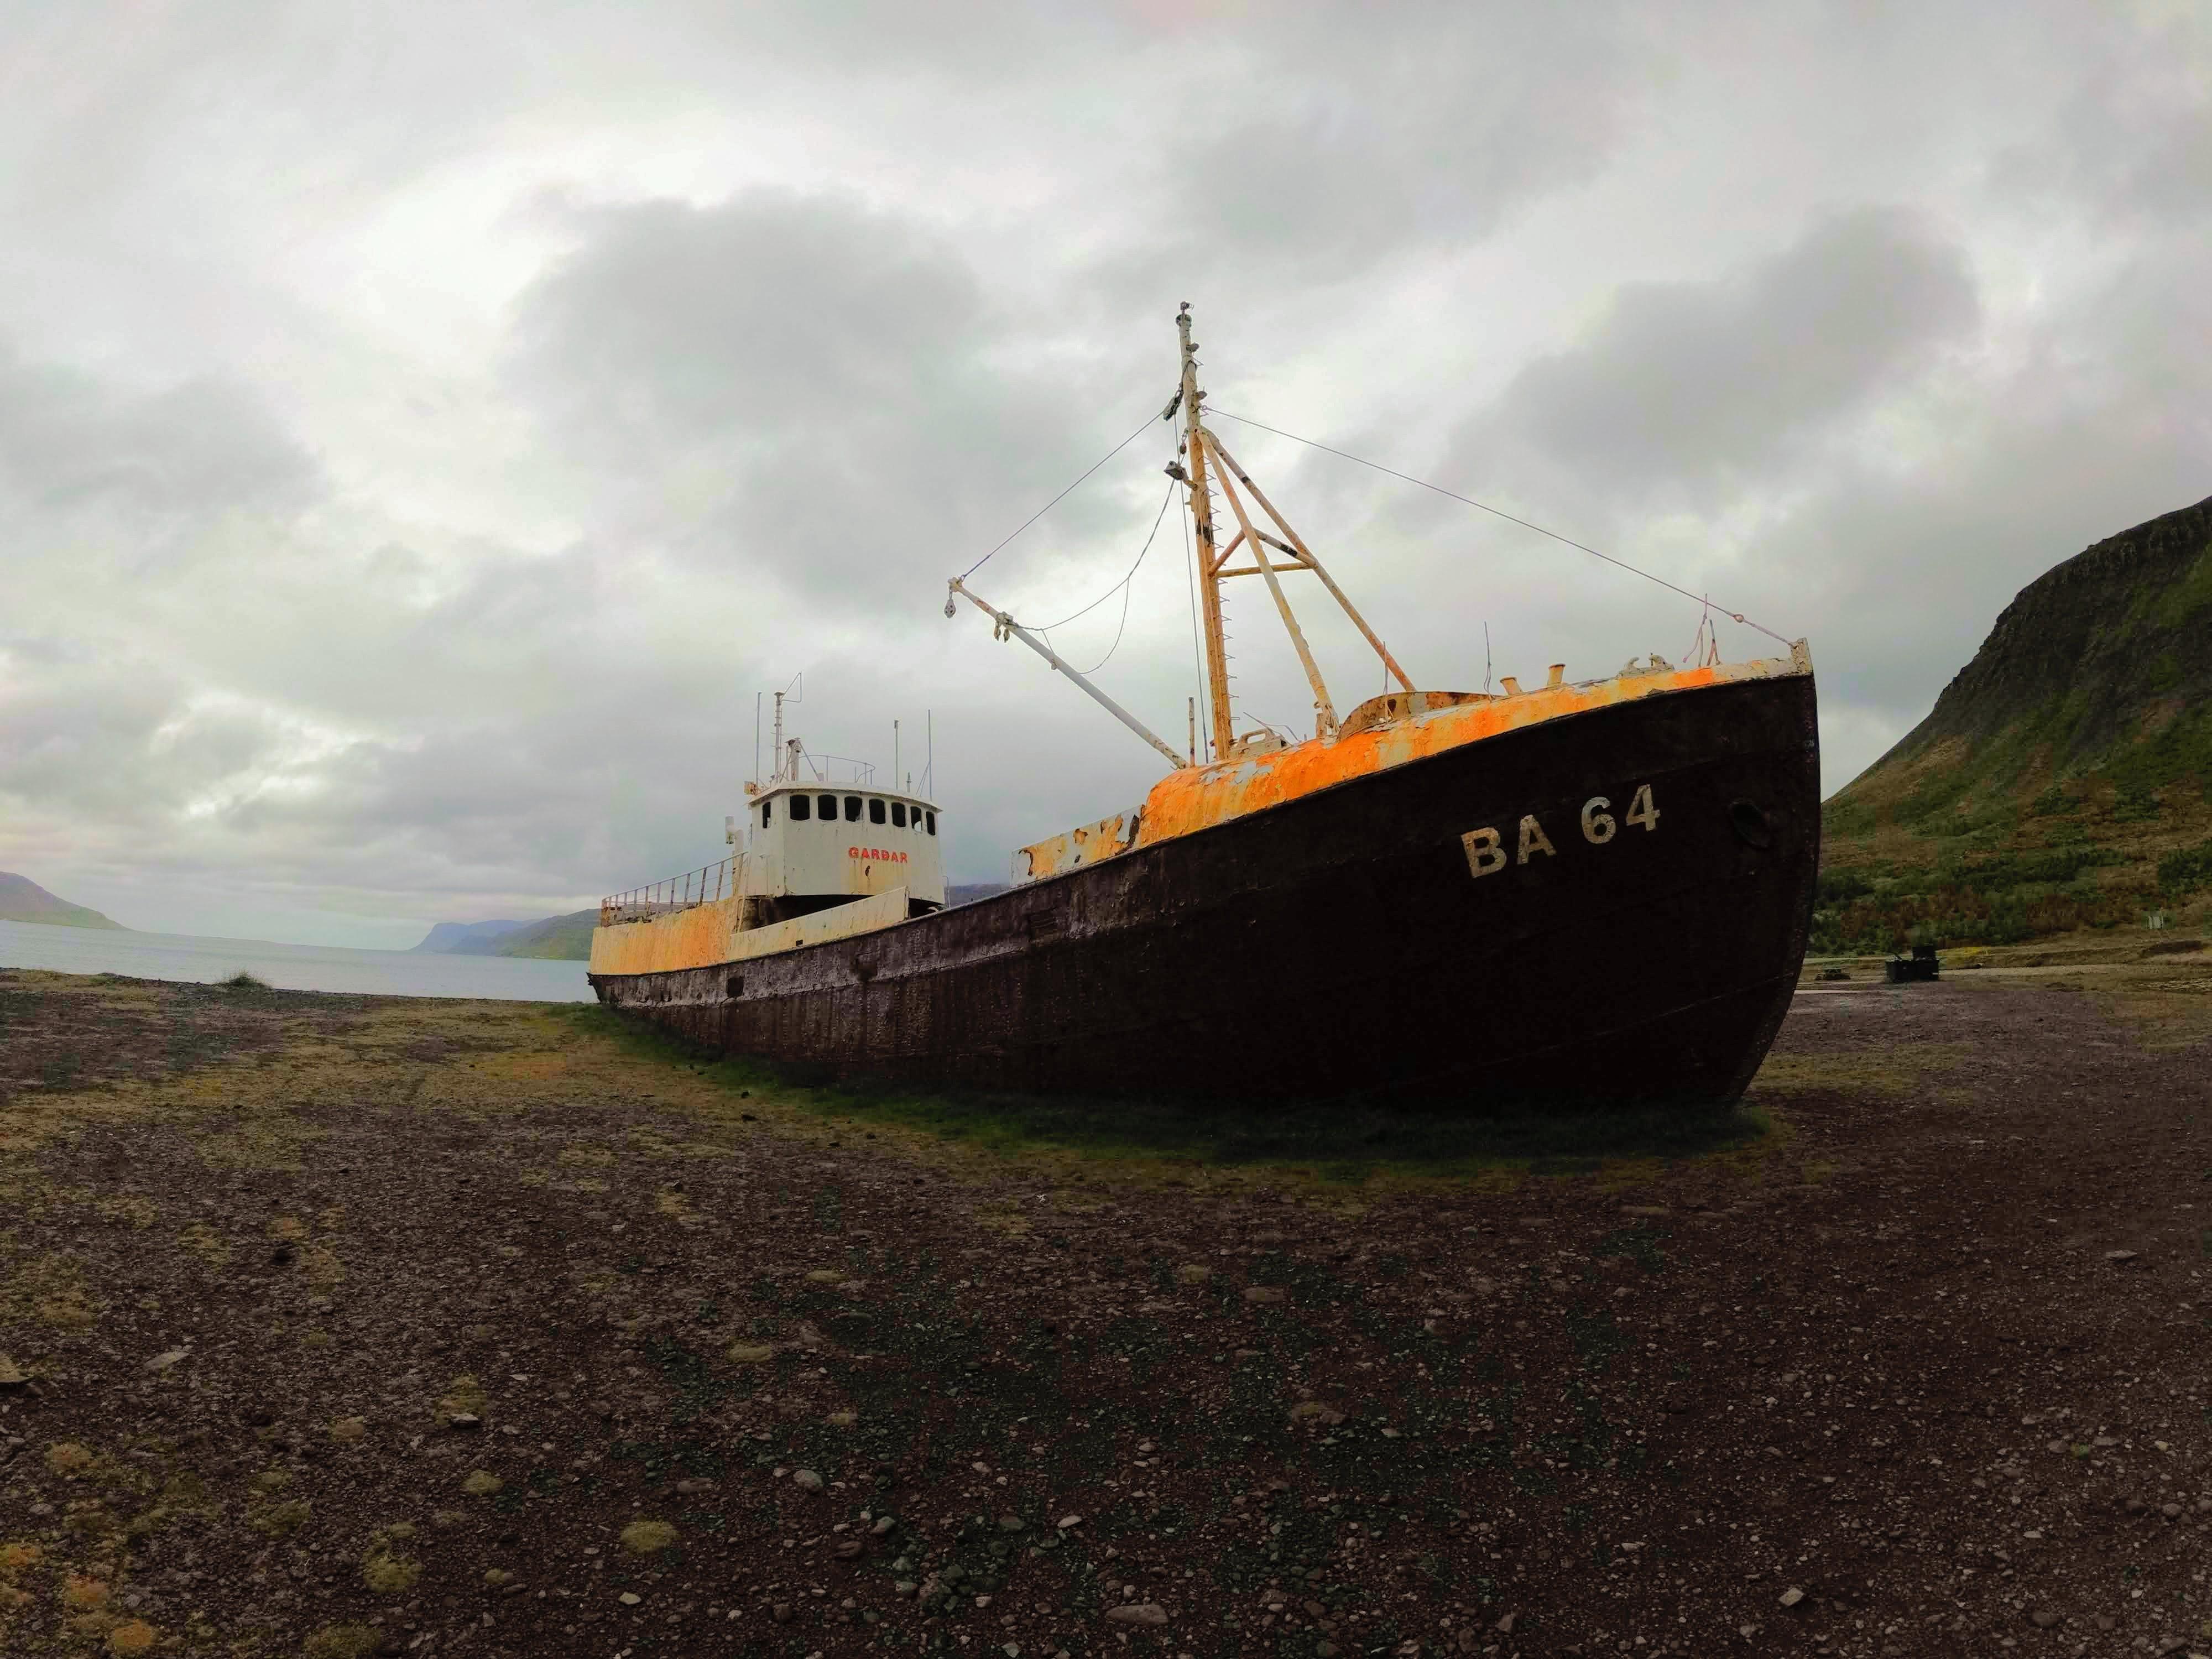 Vrak lodi BA 64